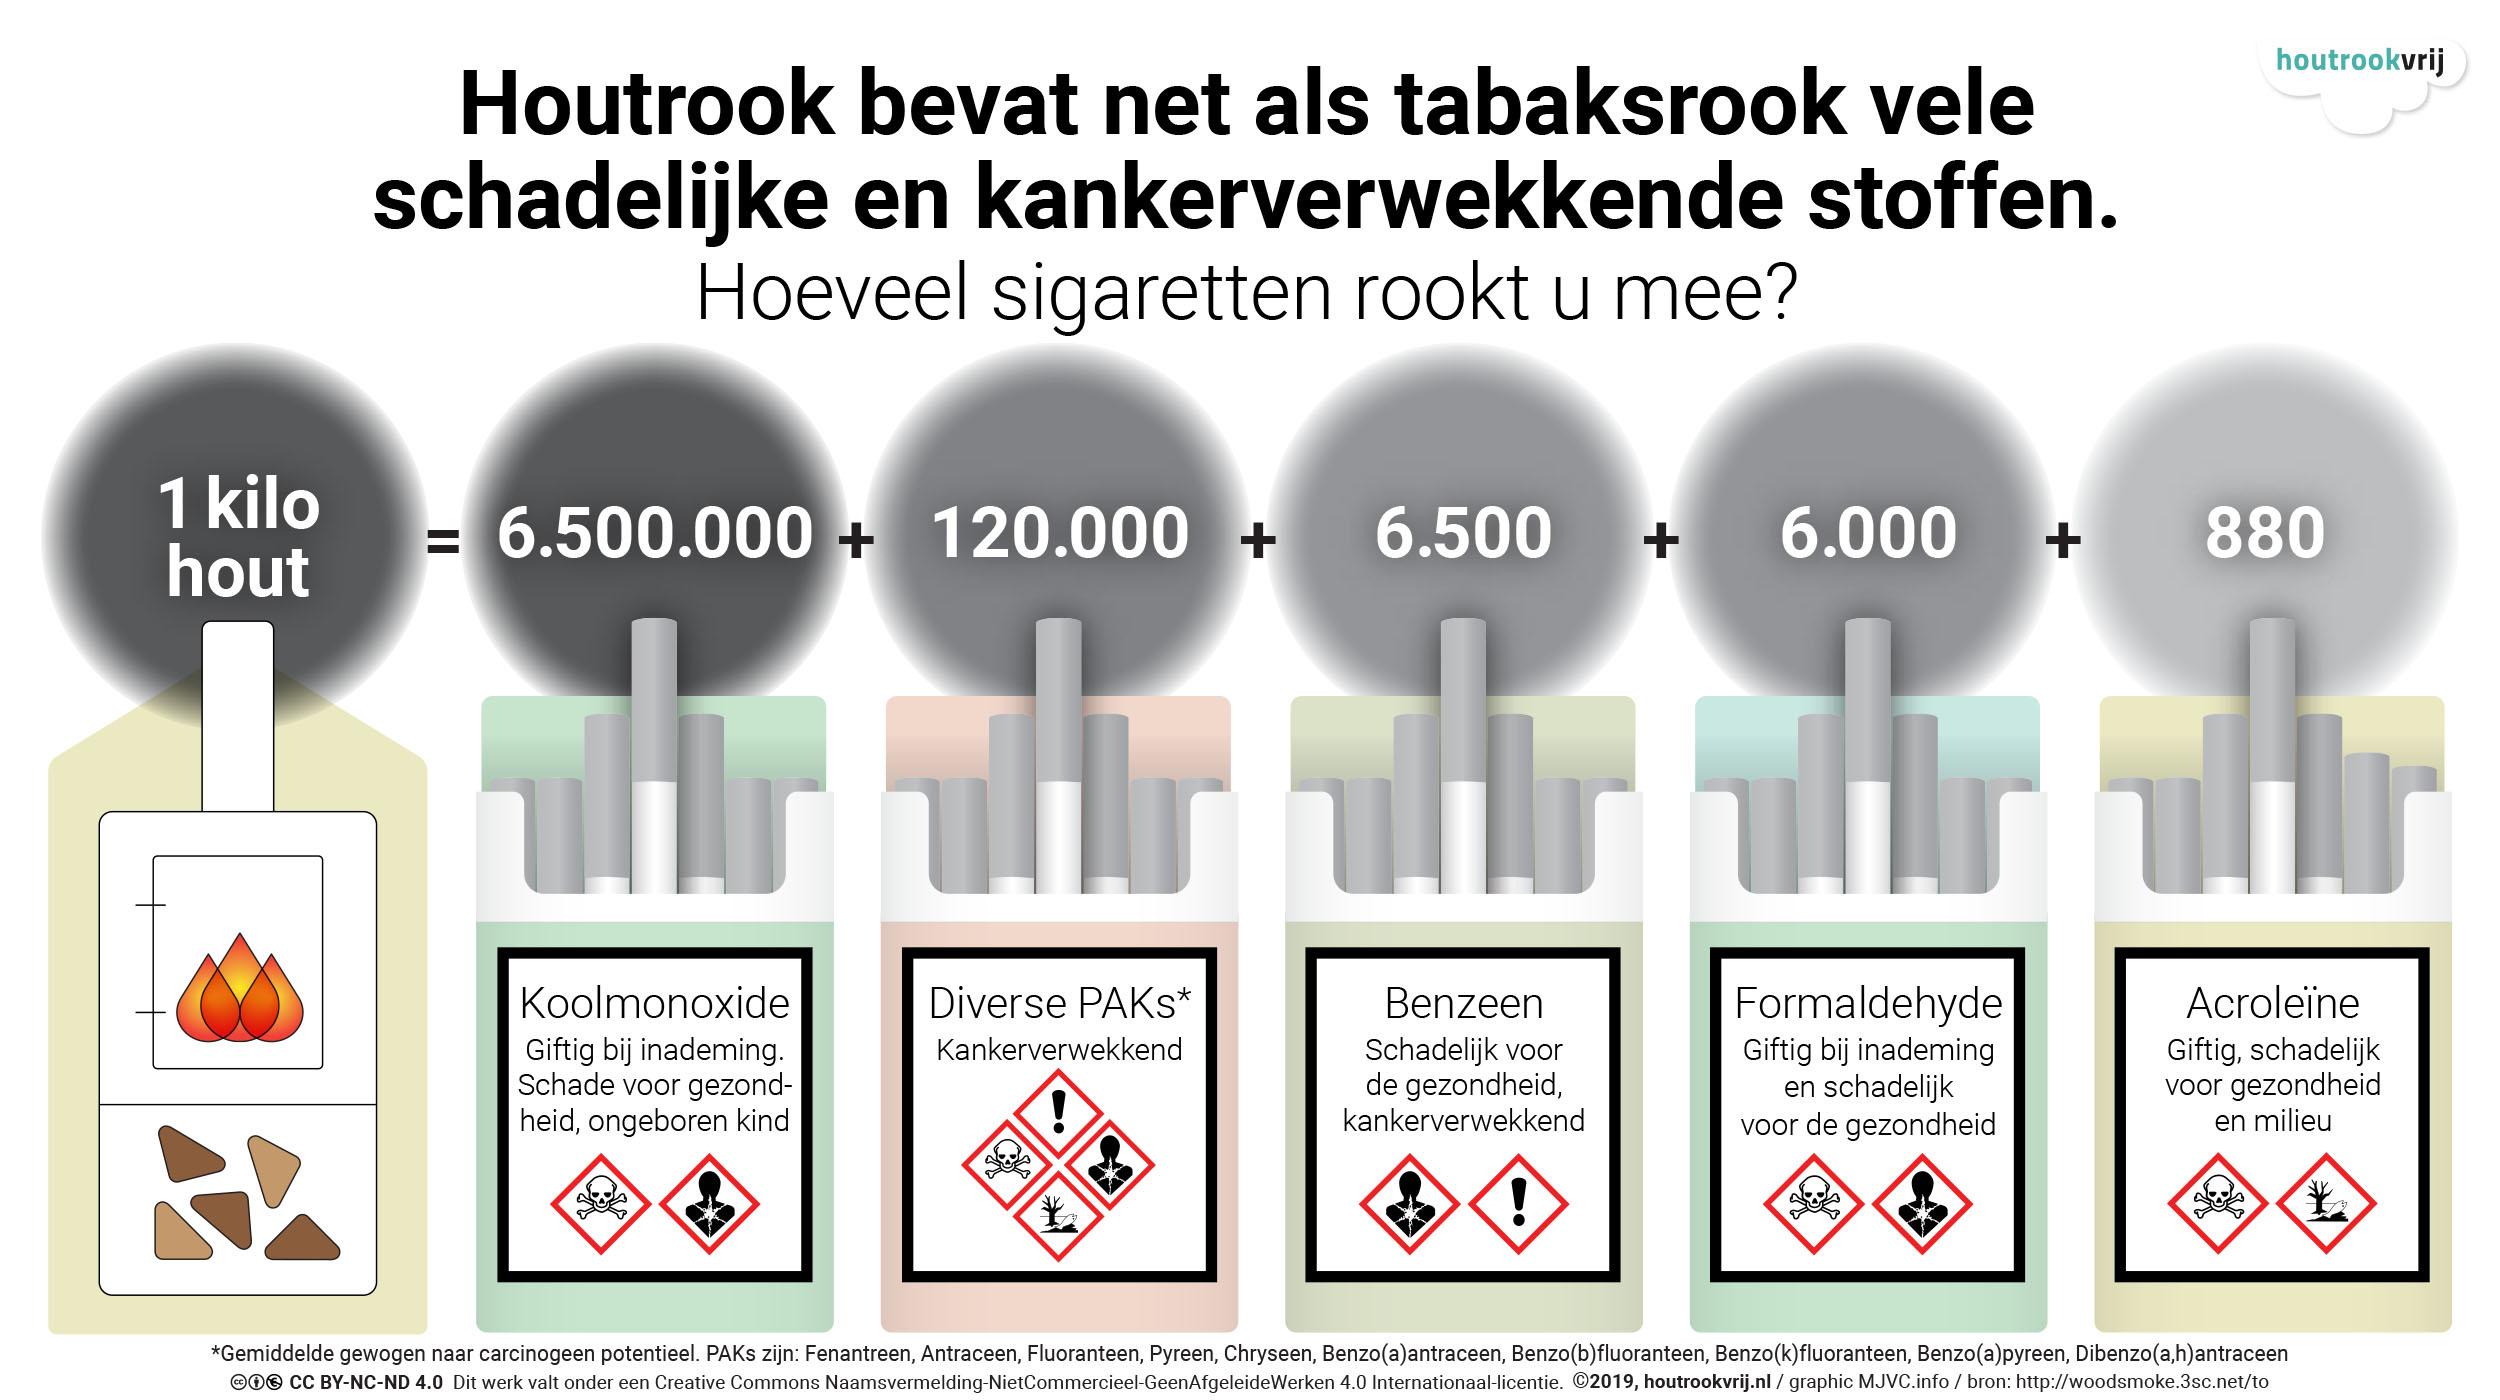 Deze graphic vergelijkt het verbranden van hout met het (mee)roken van sigaretten